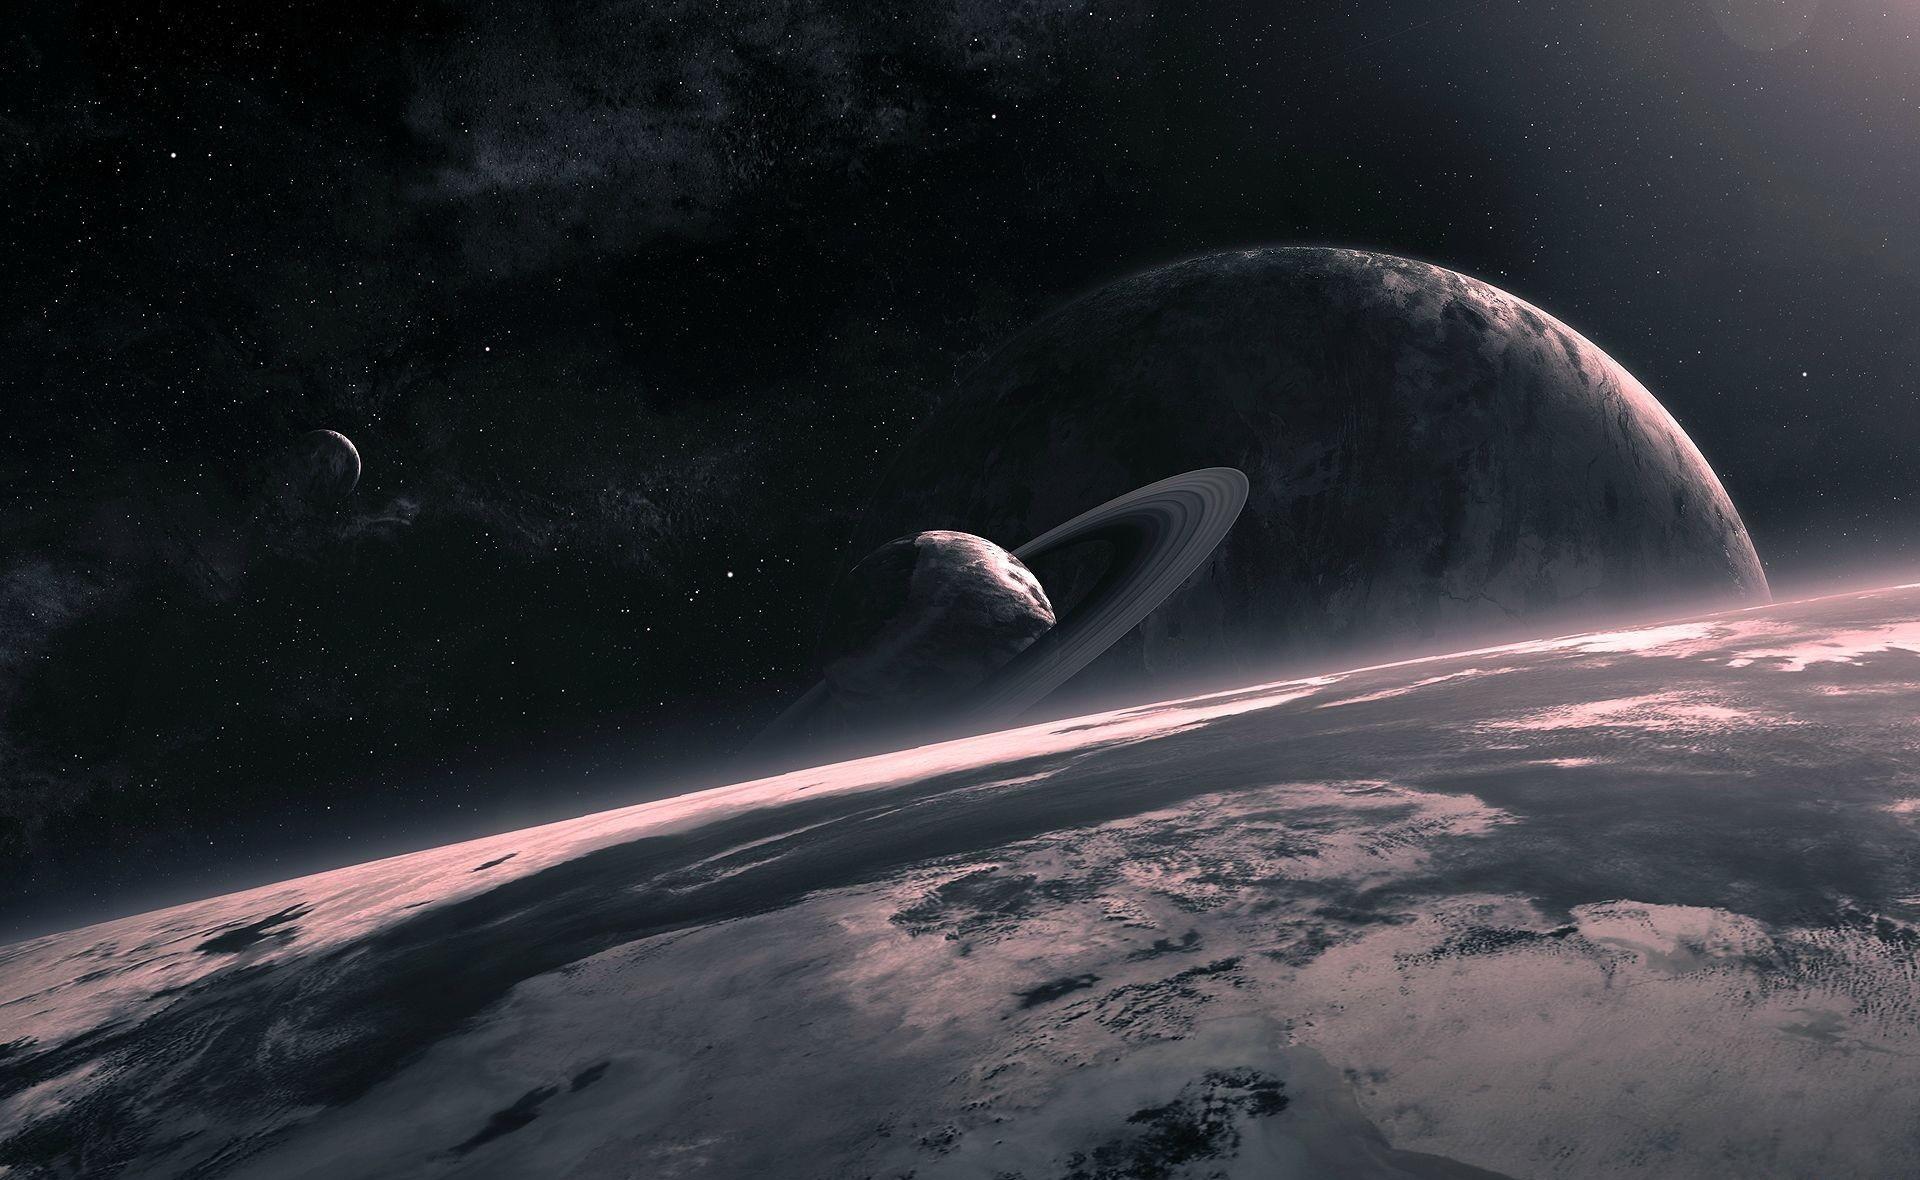 60003 Заставки и Обои Планеты на телефон. Скачать Планеты, Вселенная, Космос, Звезды, Круг картинки бесплатно